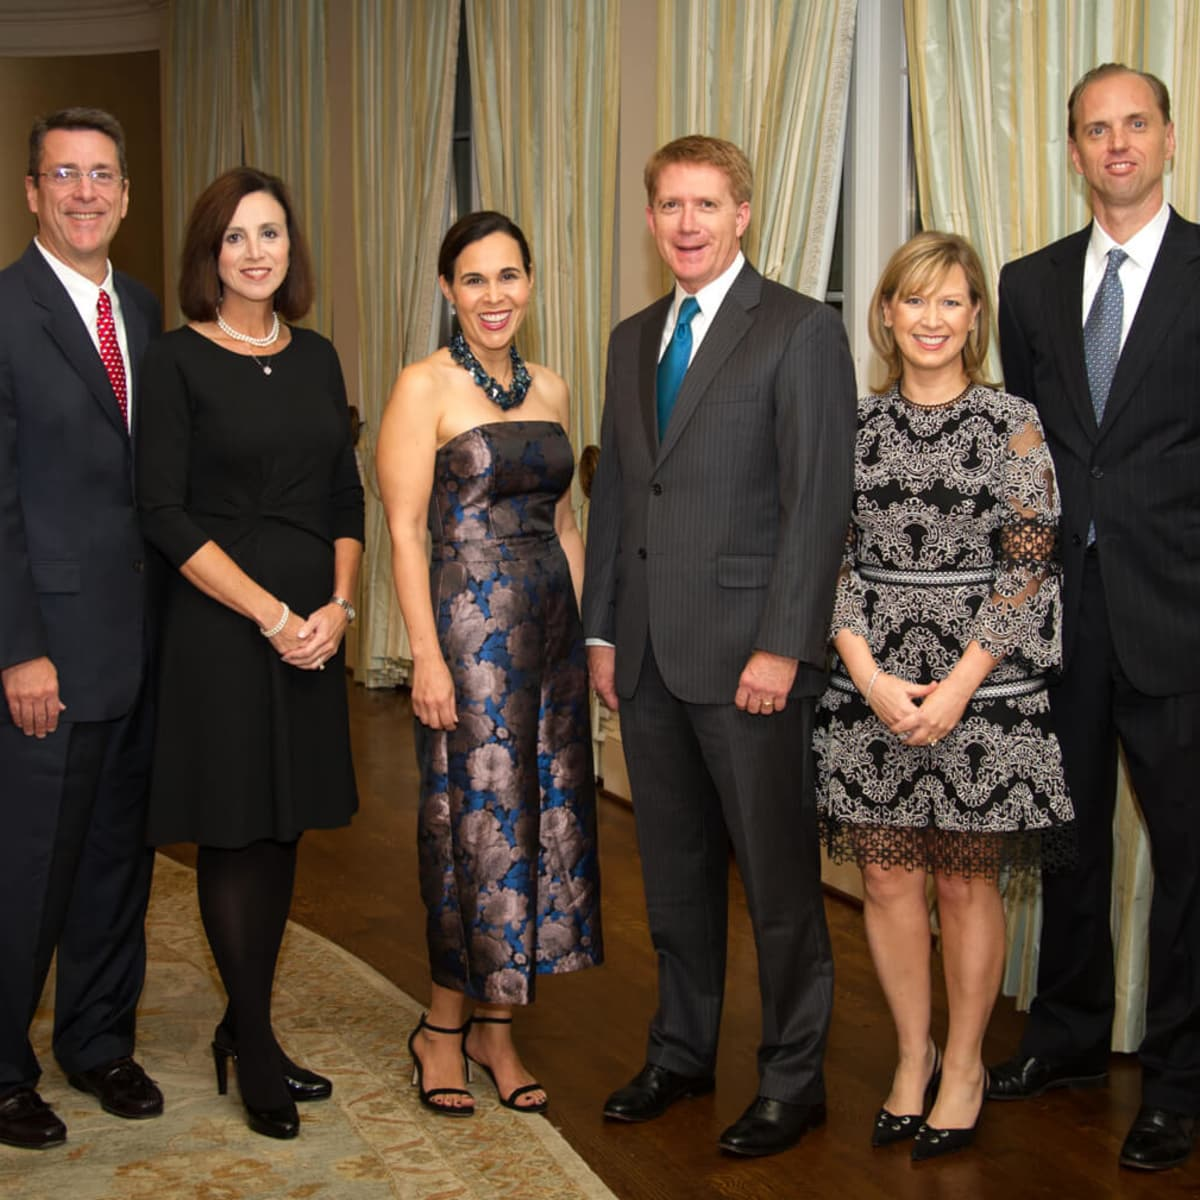 Houston, Legal Community's Harvest Celebration, Nov 2016, Tom Ganucheau, Lisa Ganucheau, Dana Levy Kelly, Neil Kelly, Denise Scofield, John Scofield